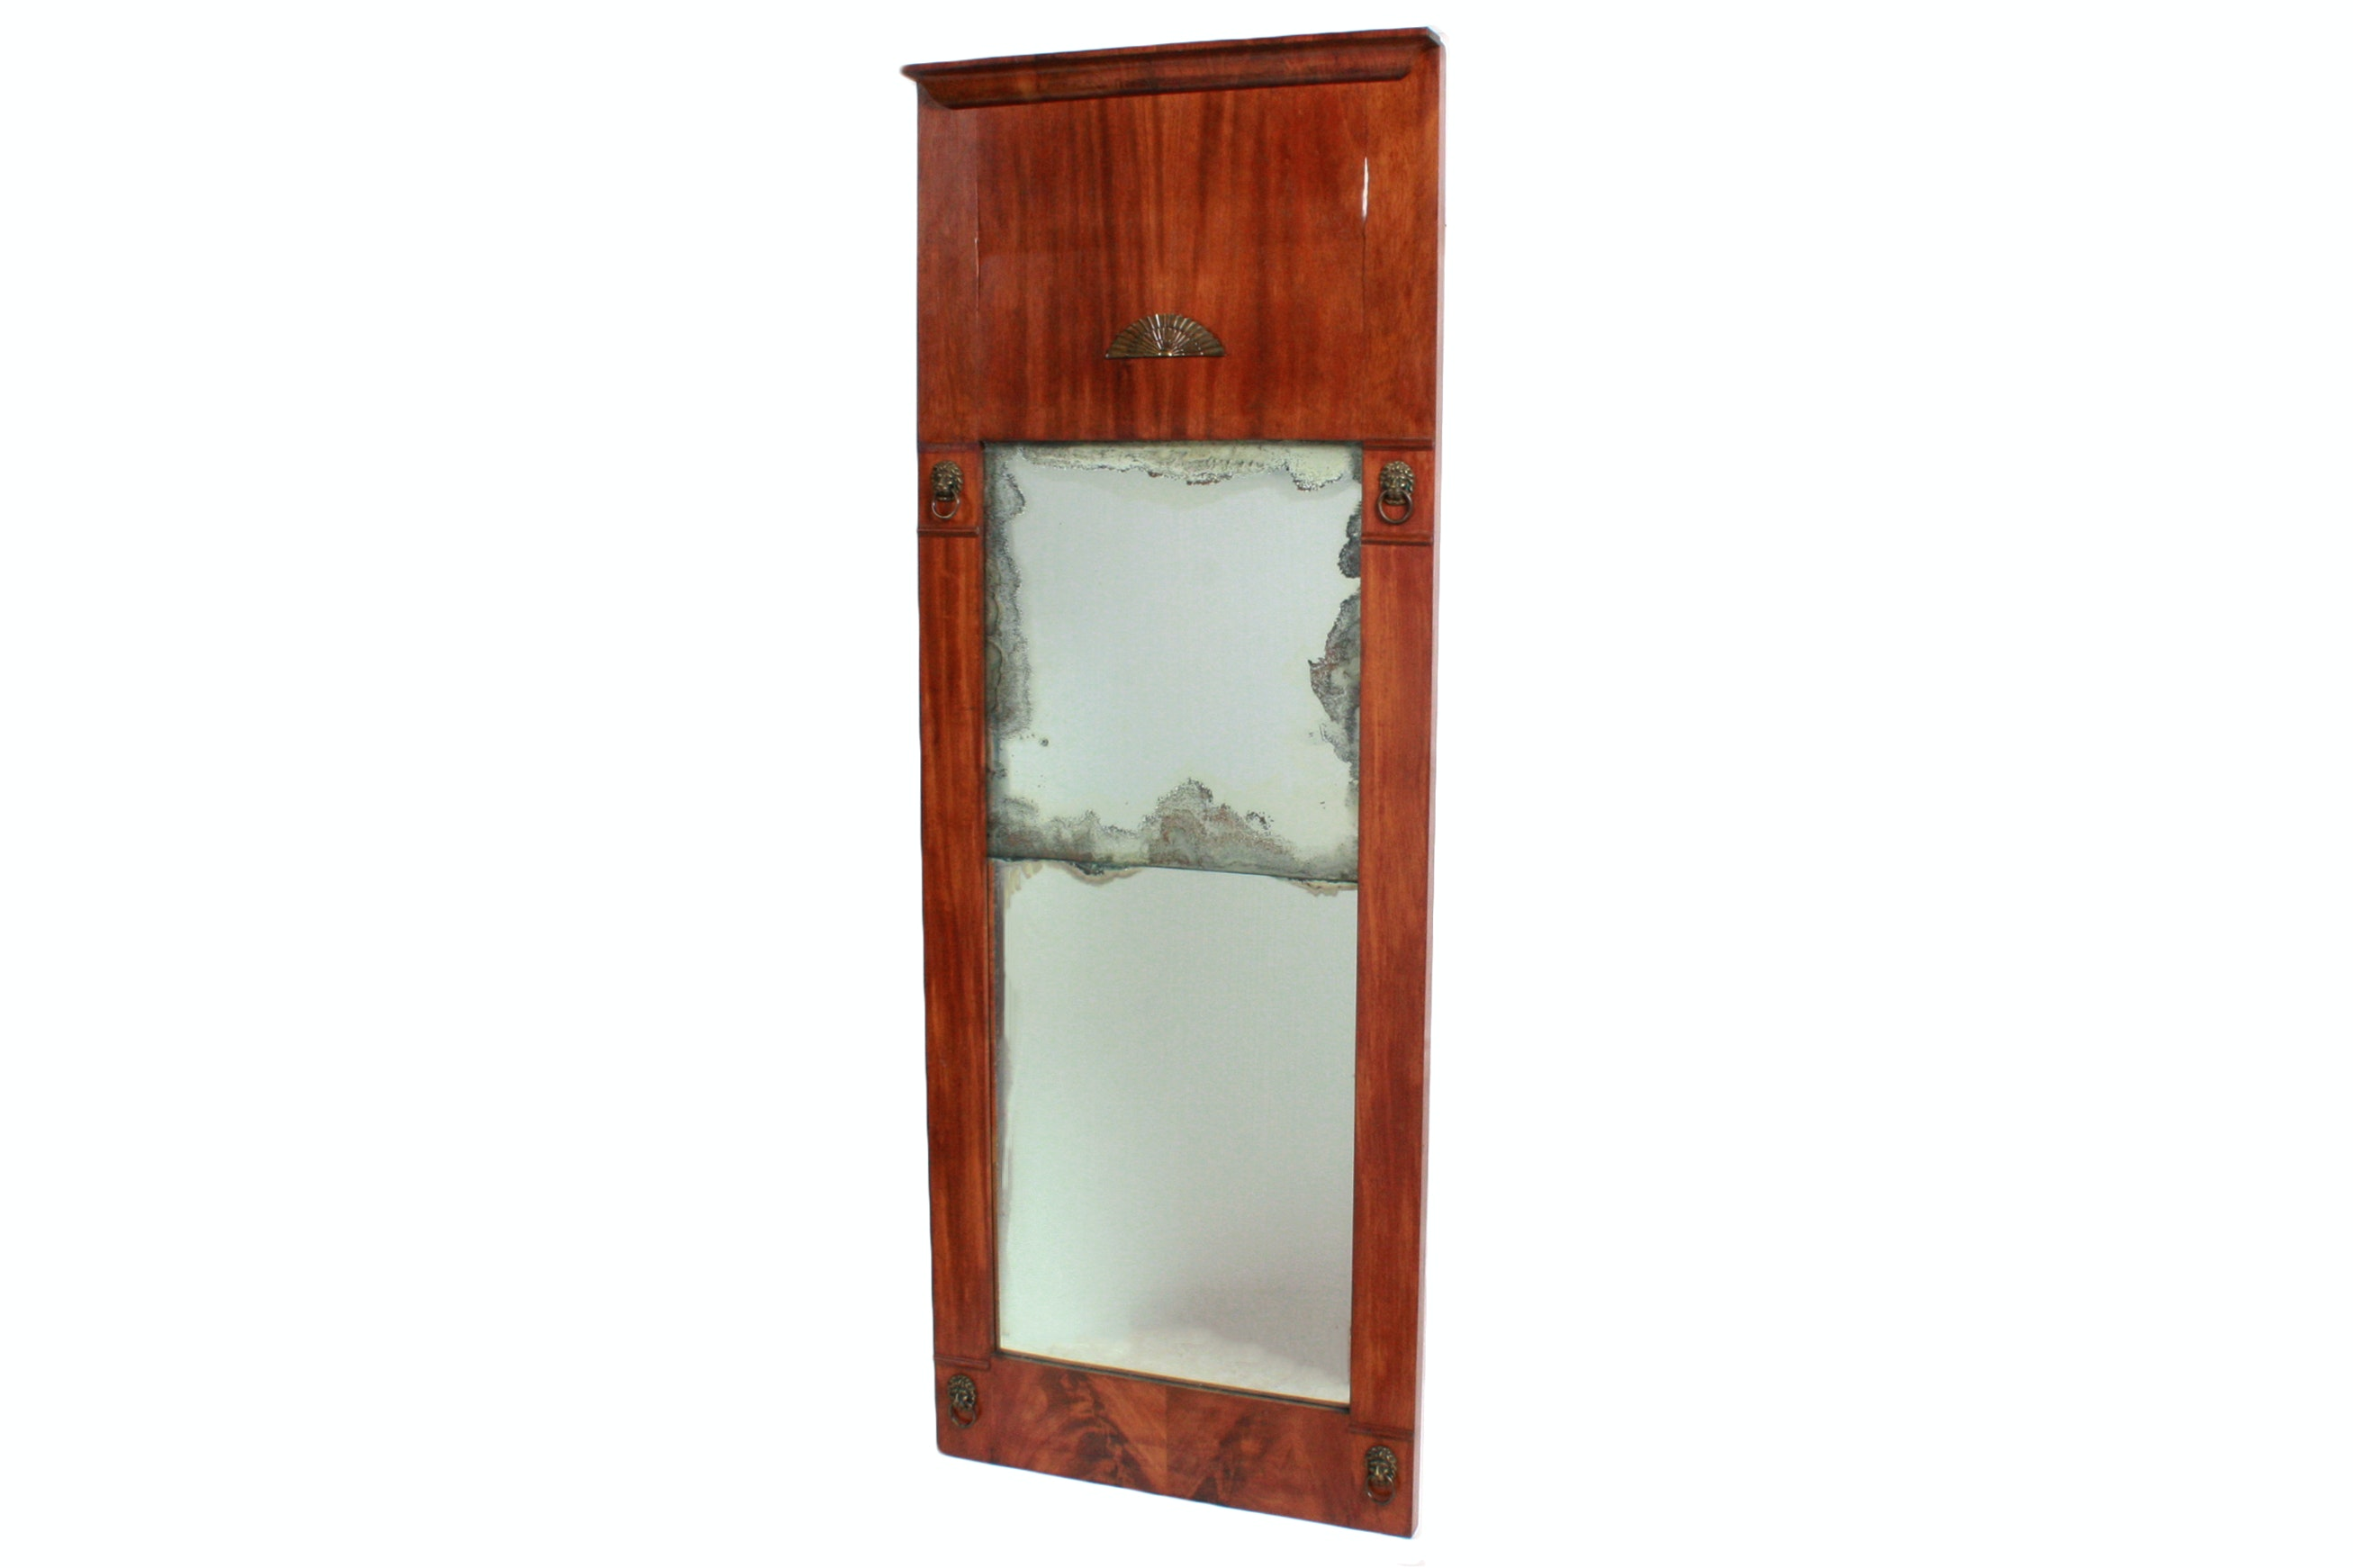 Swedish Biedermeier Style Pier Mirror